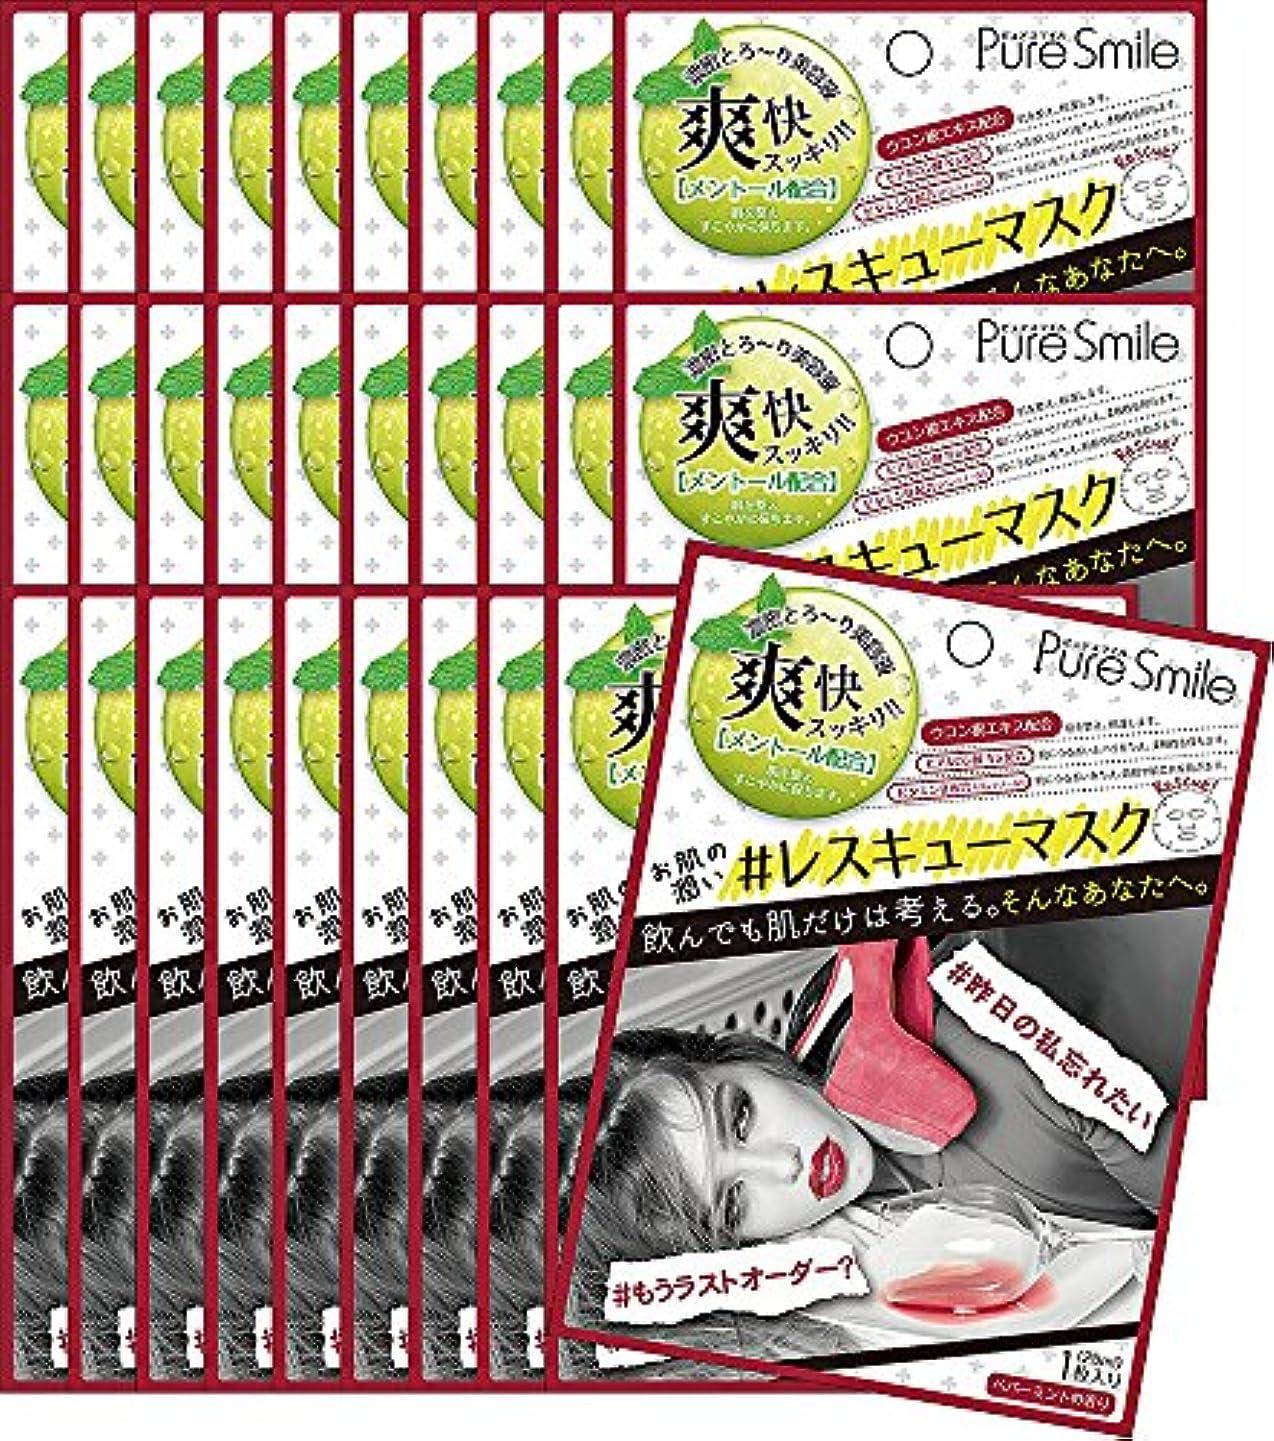 変形戦い健康的ピュアスマイル 『レスキューマスク』【飲みすぎ/ウコンでレスキュー(ペパーミントの香り)メントール配合】30枚セット